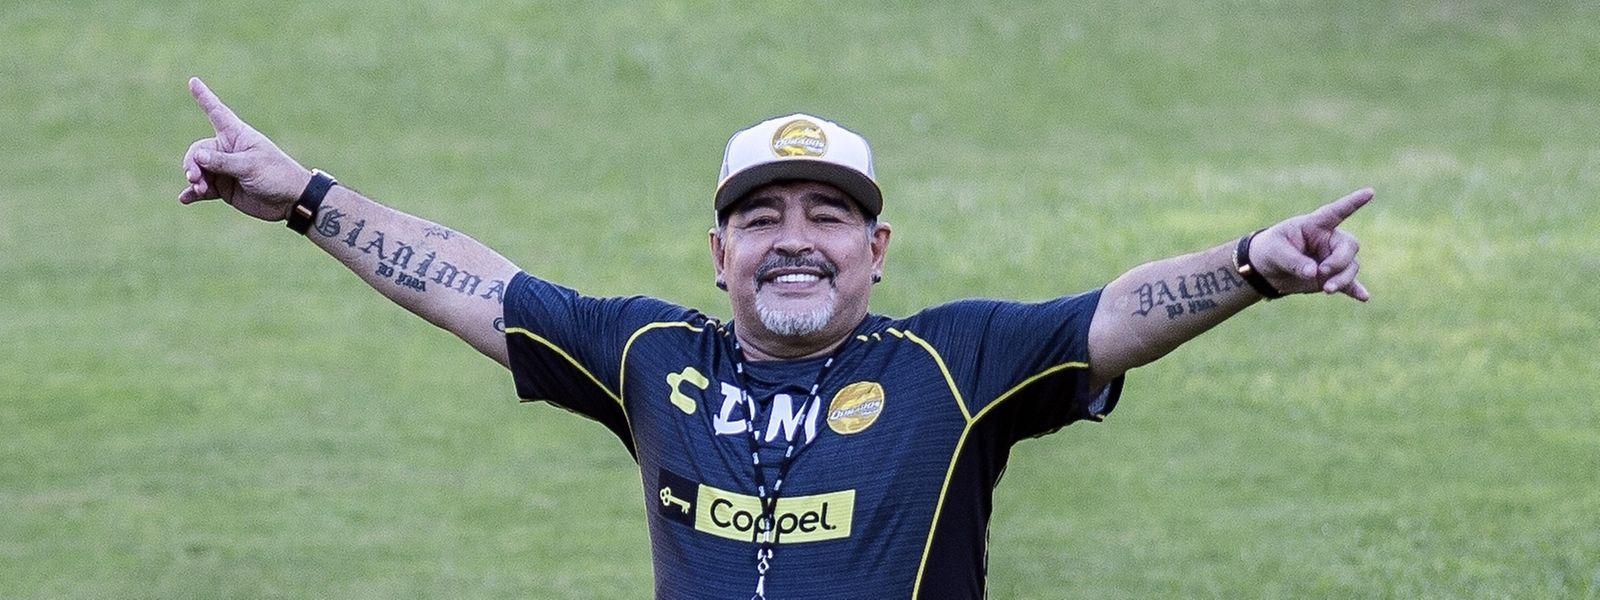 Maradona, de 58 anos, deve permanecer hospitalizado pelo menos até segunda-feira, noticiou a agência de notícias Efe, citando fontes médicas.